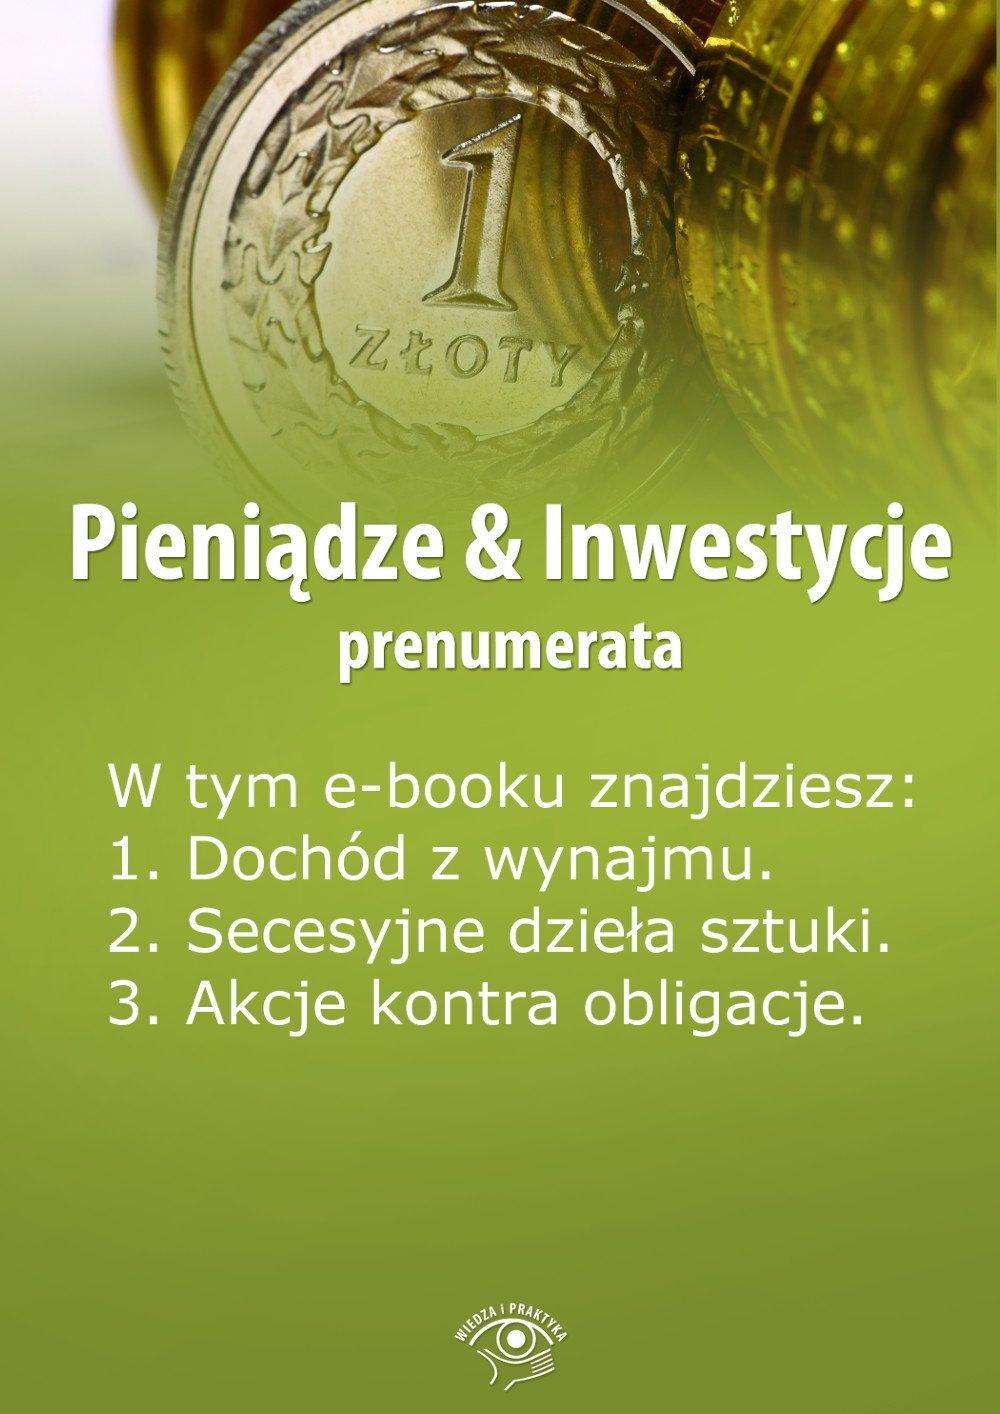 Pieniądze & Inwestycje. Wydanie maj-czerwiec 2014 r. - Ebook (Książka PDF) do pobrania w formacie PDF